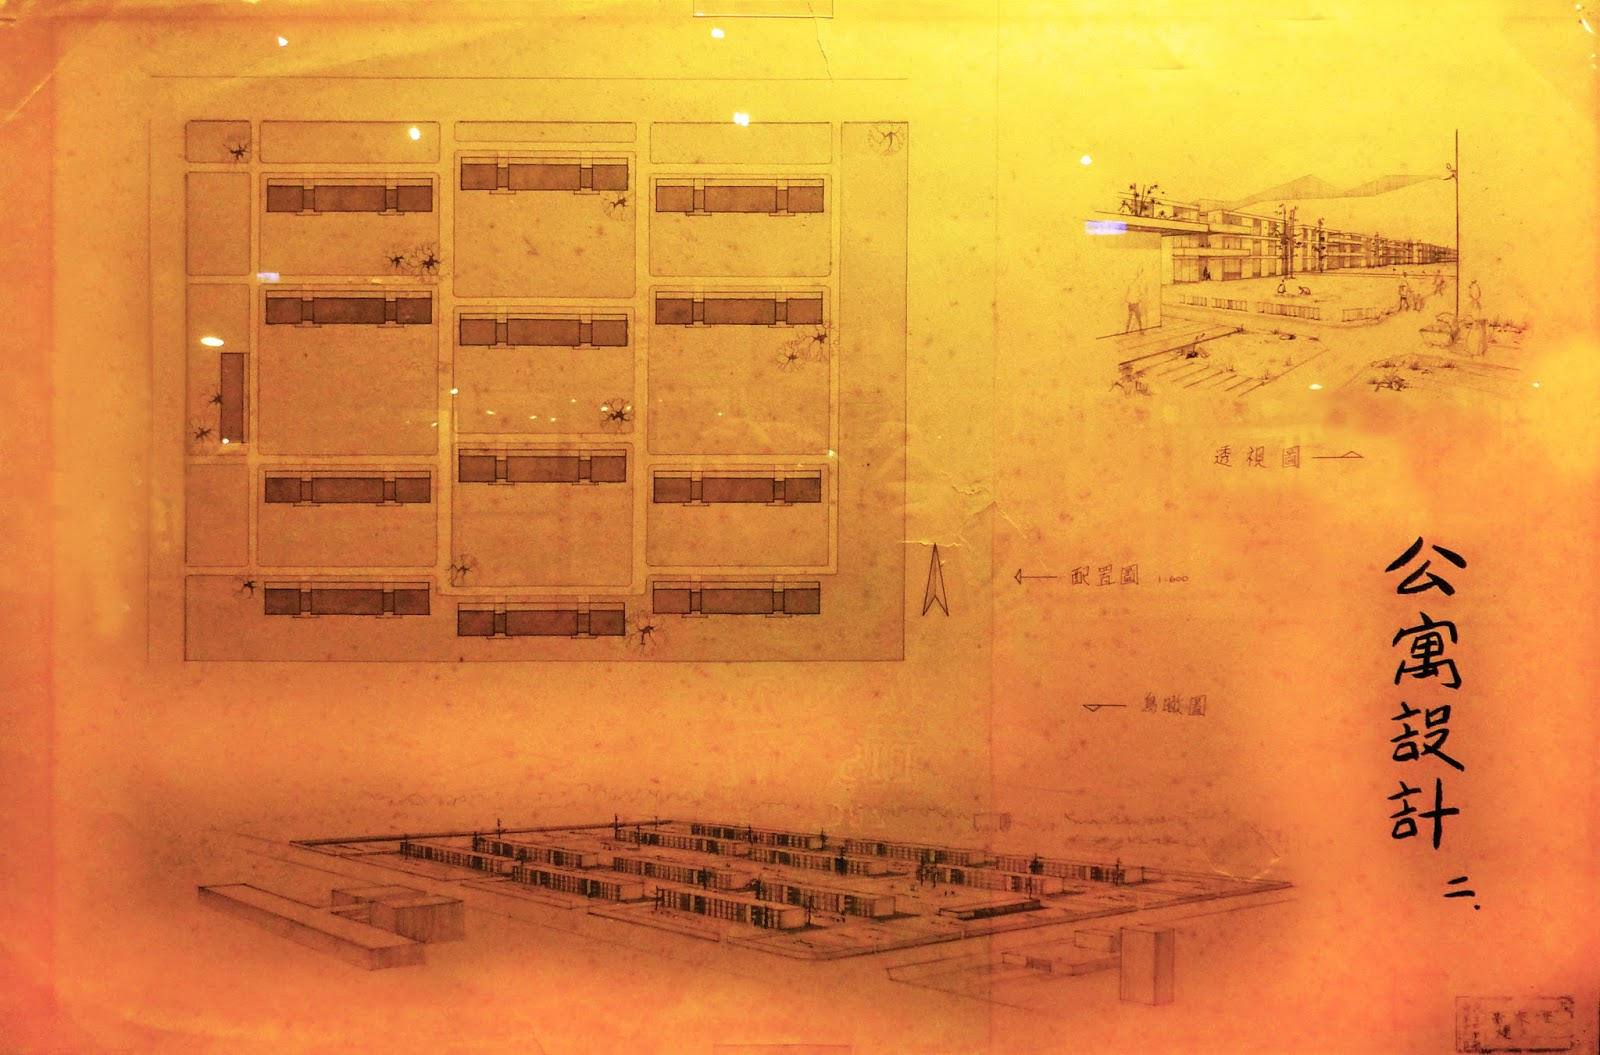 華山-成大建築系學生暨系友作品特展   None Architecture